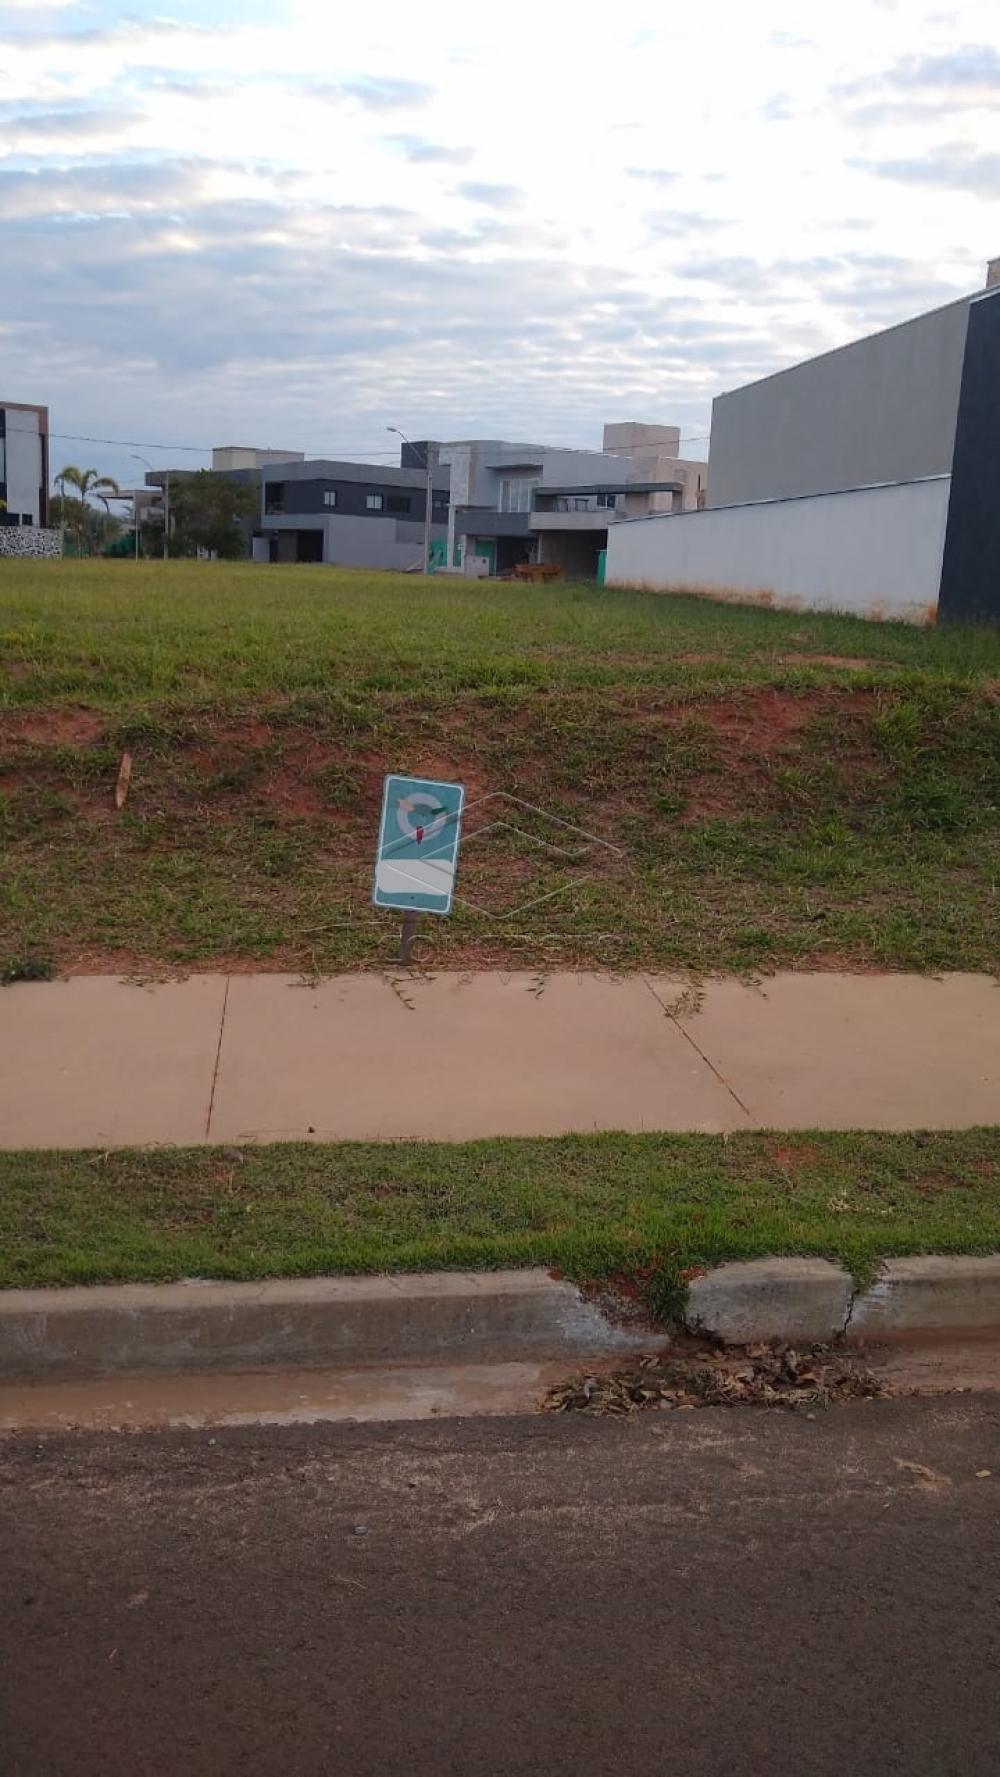 Comprar Terreno / Condomínio em Bauru R$ 289.000,00 - Foto 3